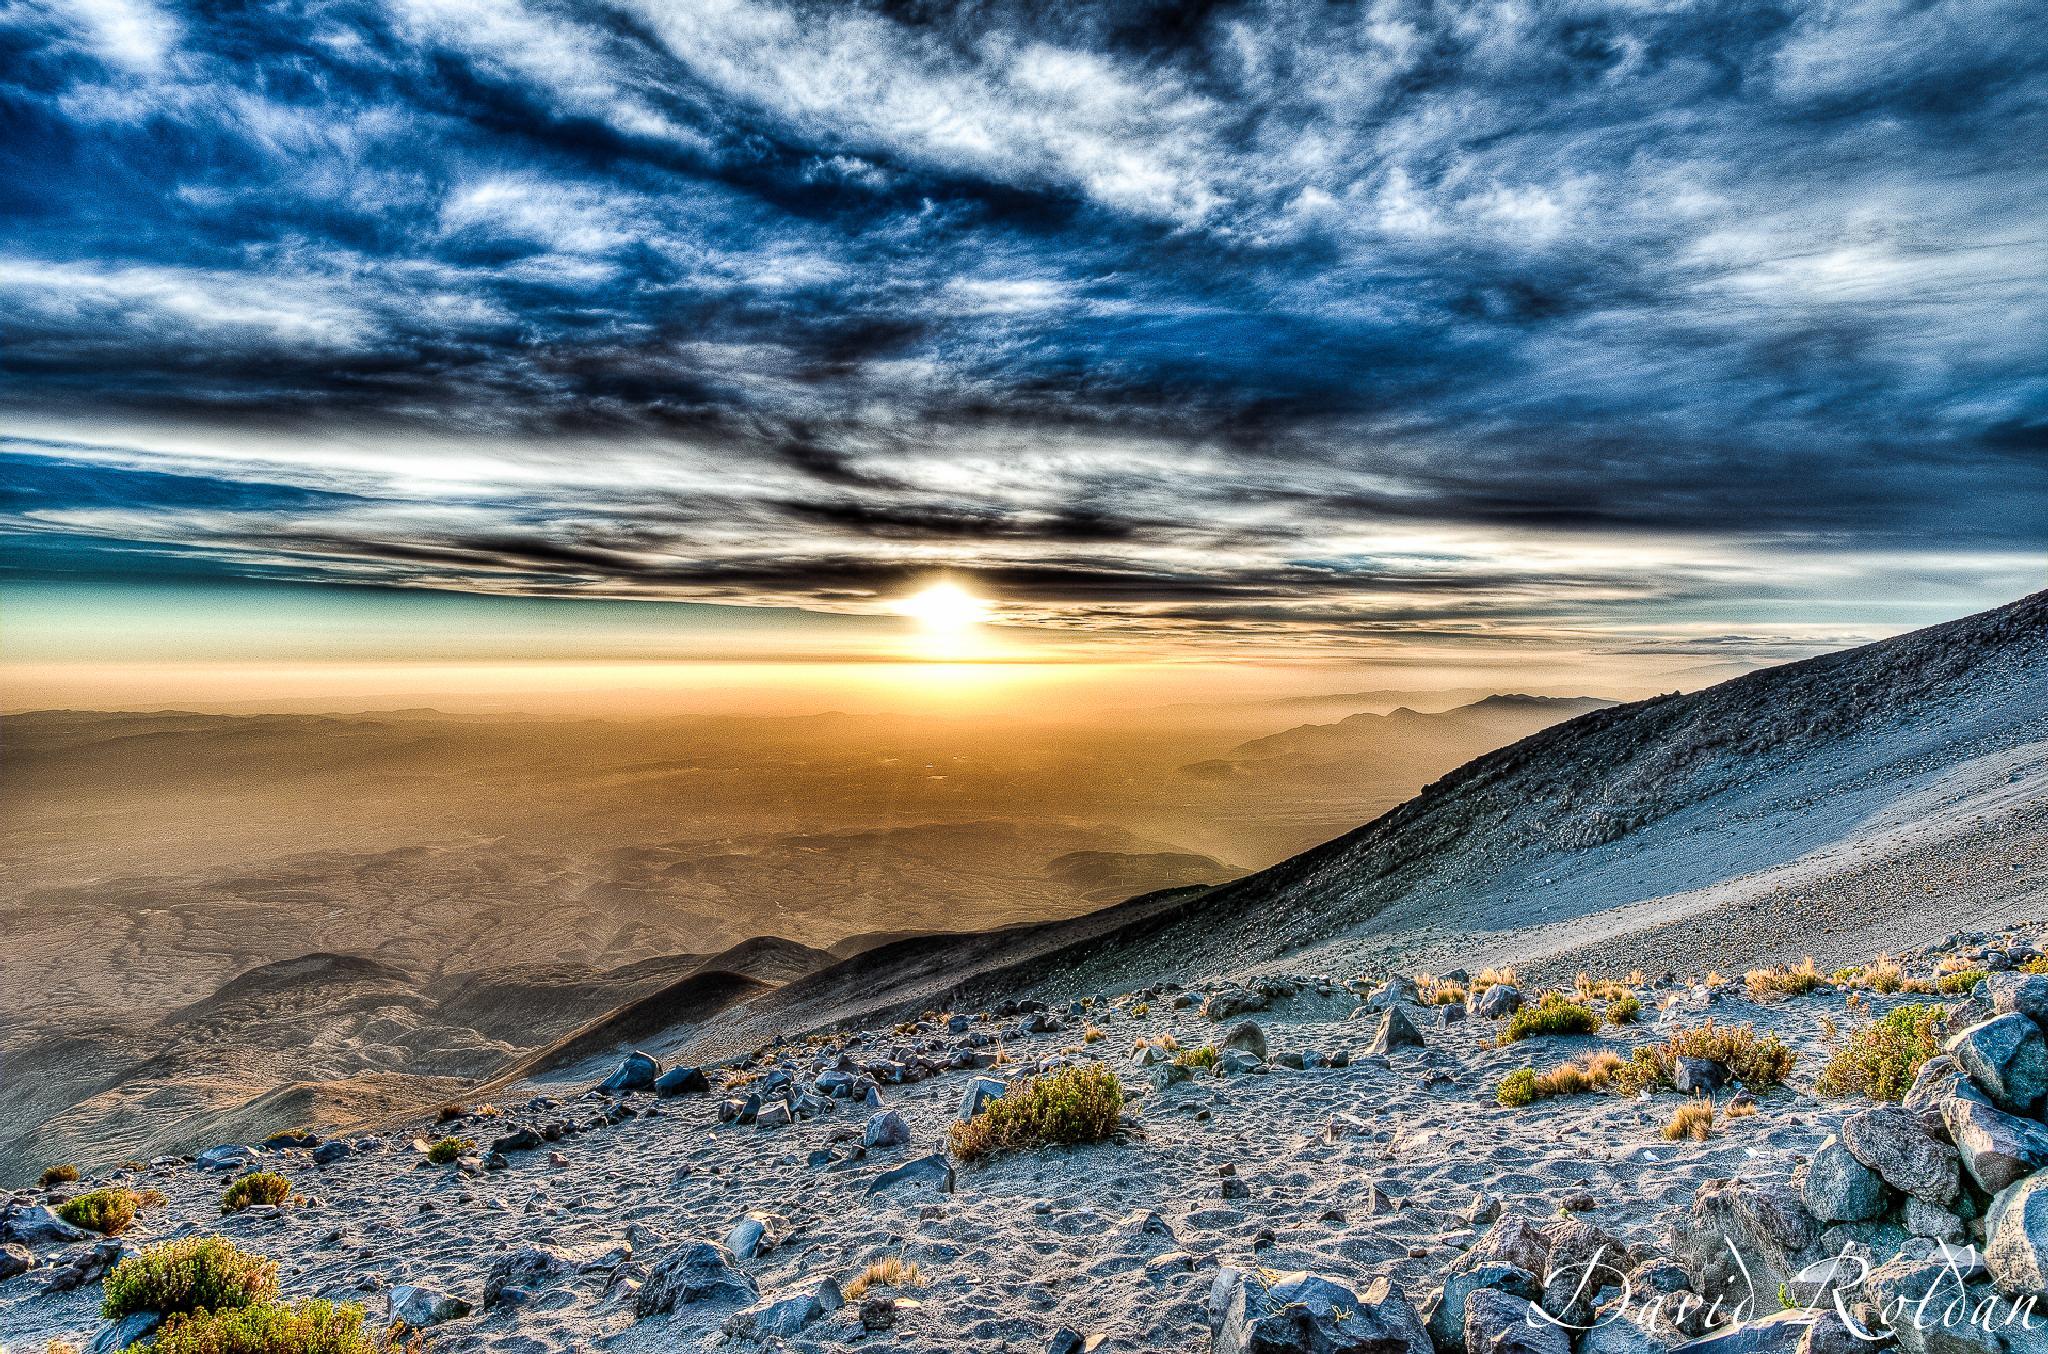 Rincones del Perú #443 Volcán Misti by David Roldán